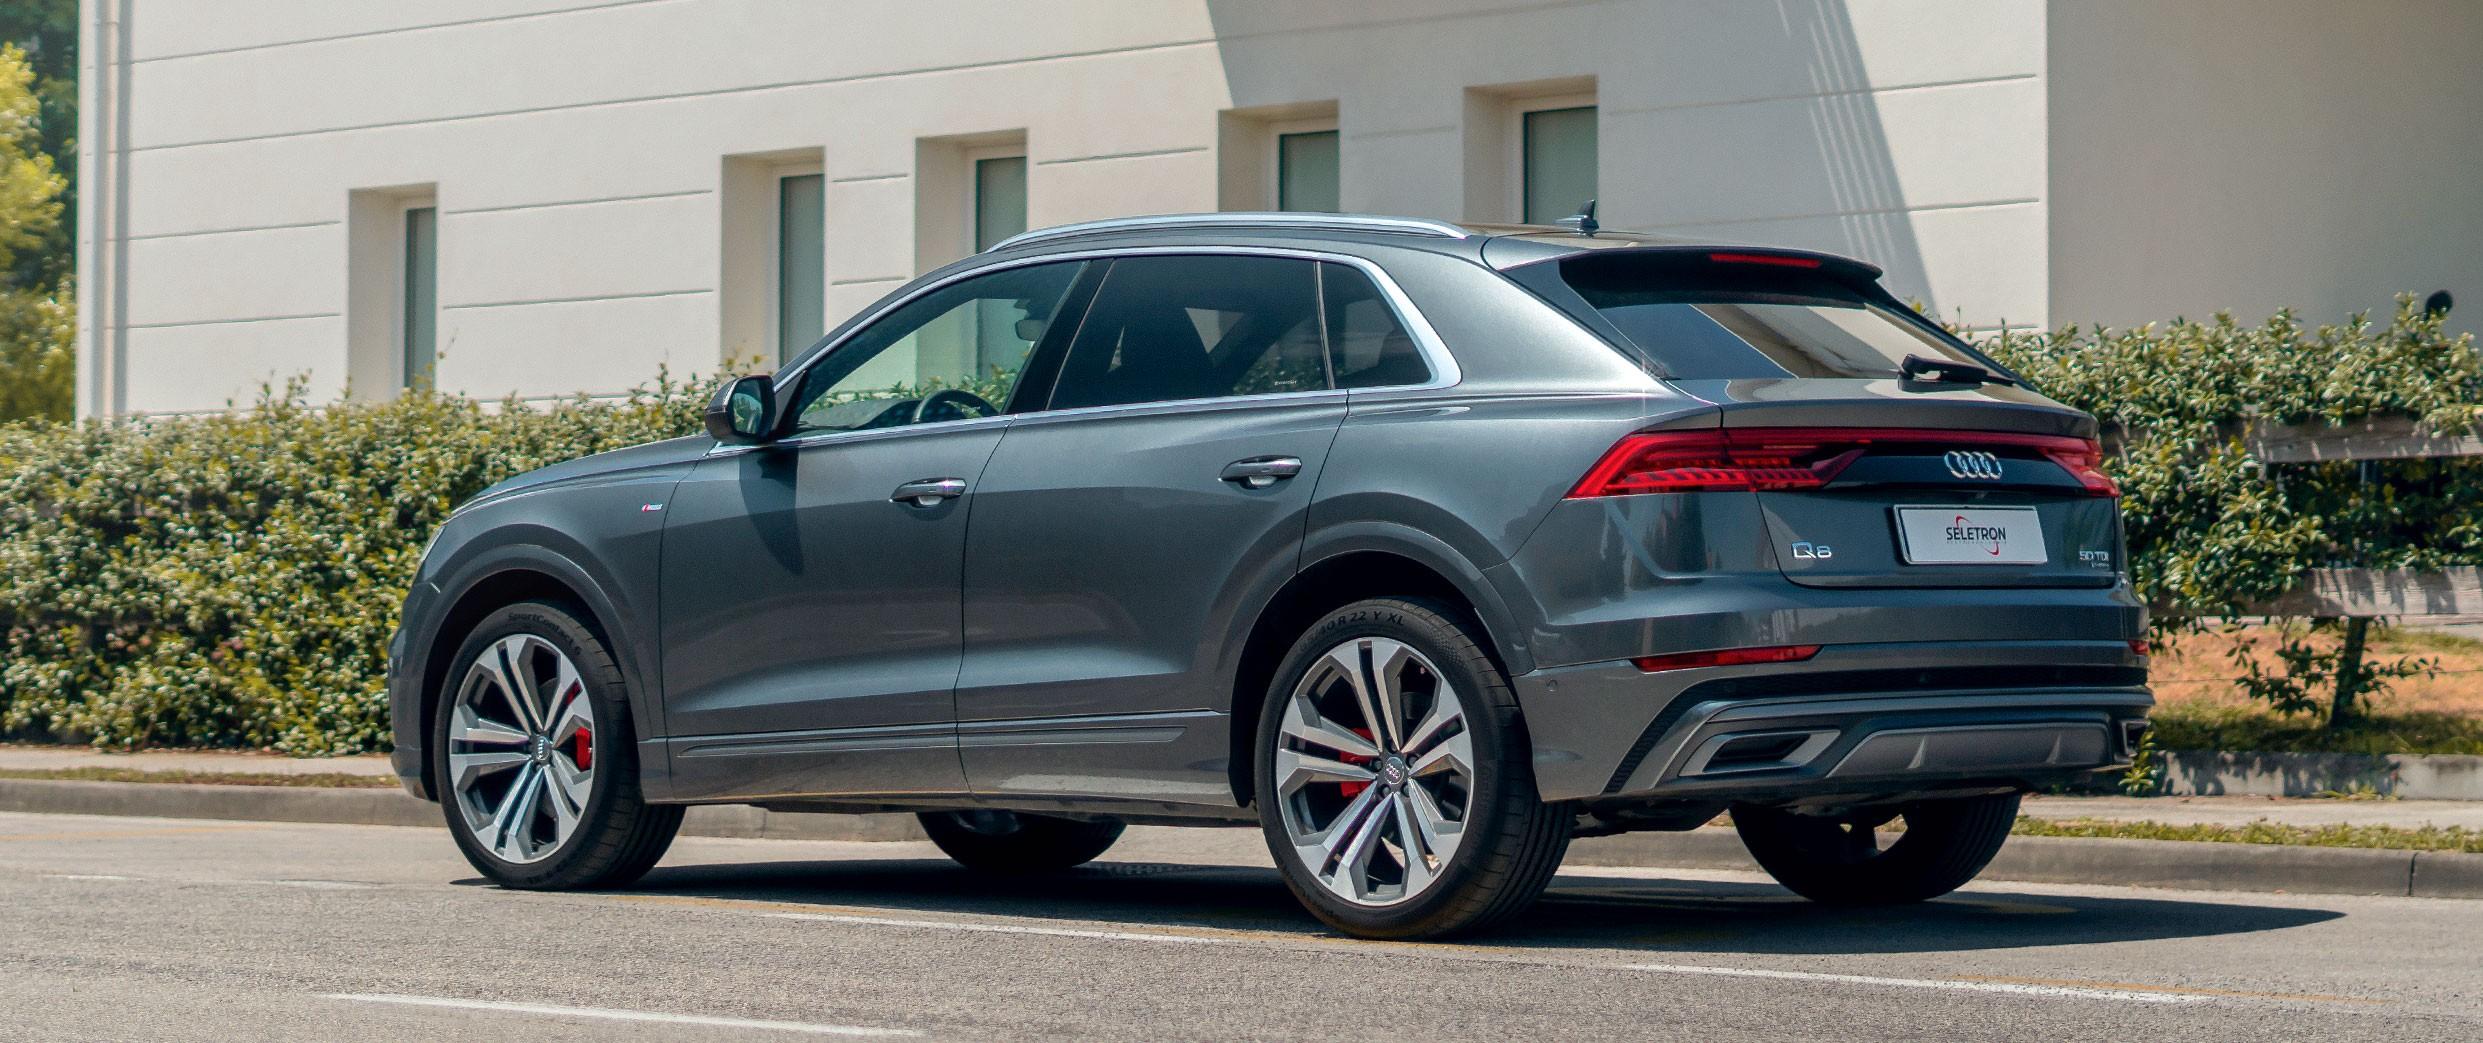 Aumenta la potenza della tua Audi